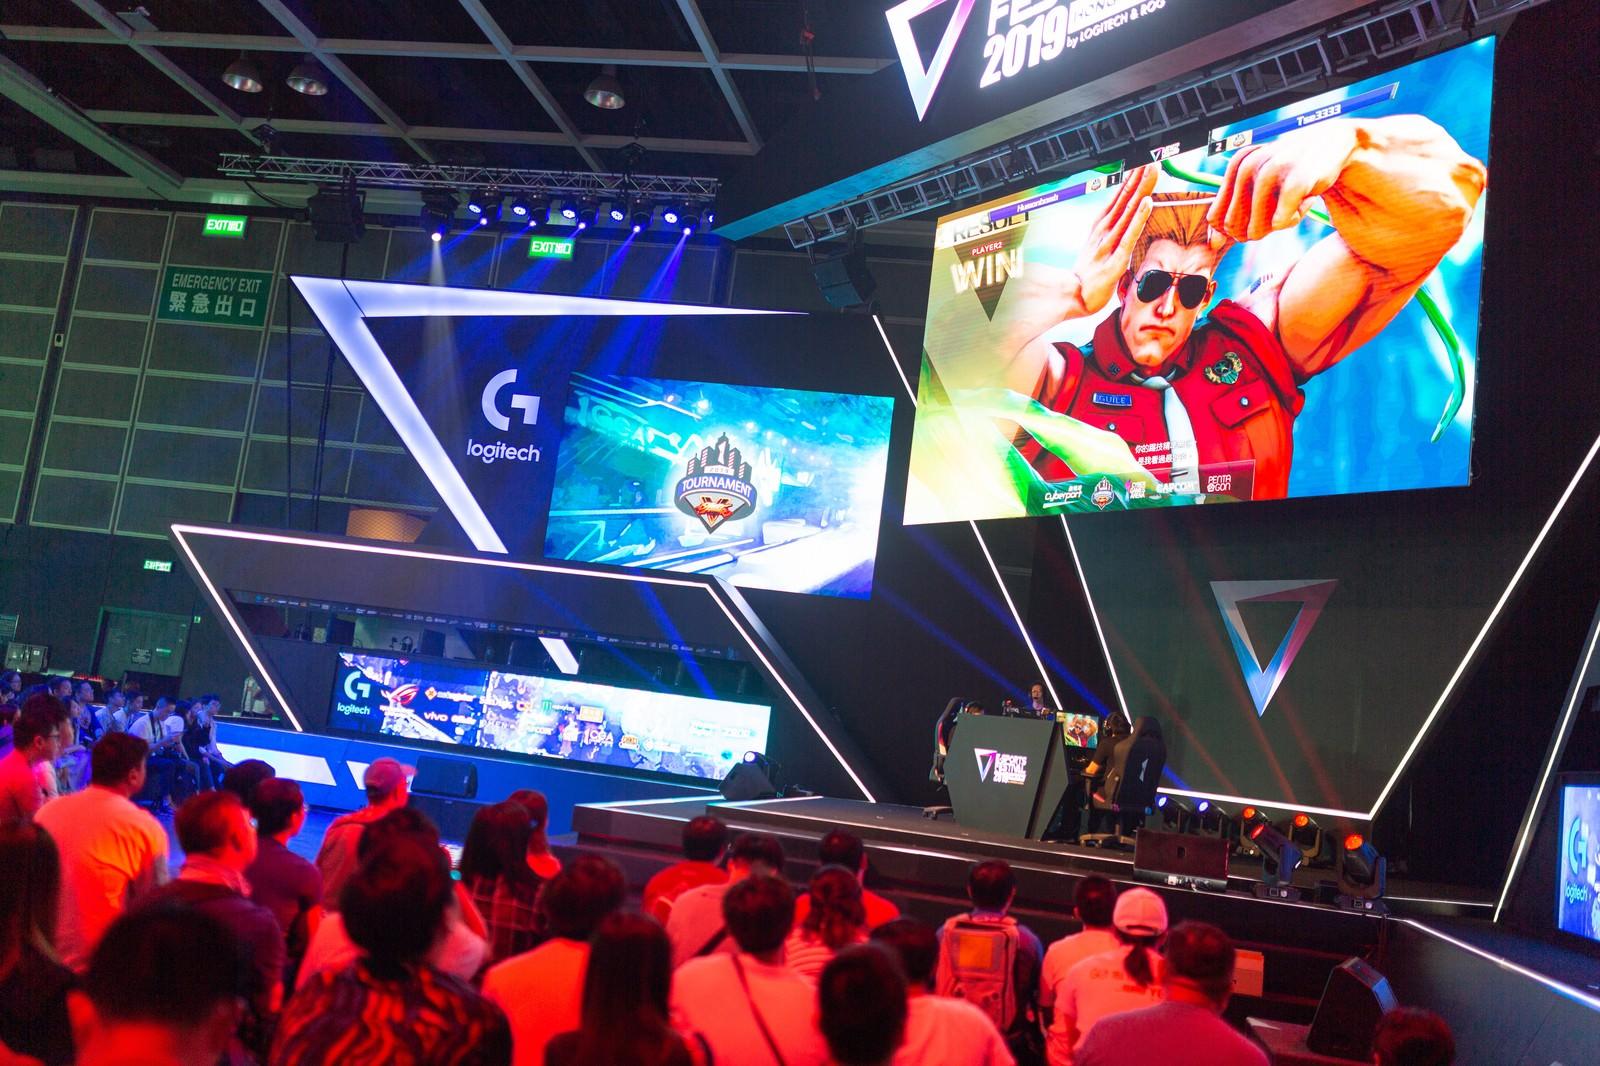 「ガイルの勝利が確定した様子 - E-Sports Festival Hong Kong 2019」の写真